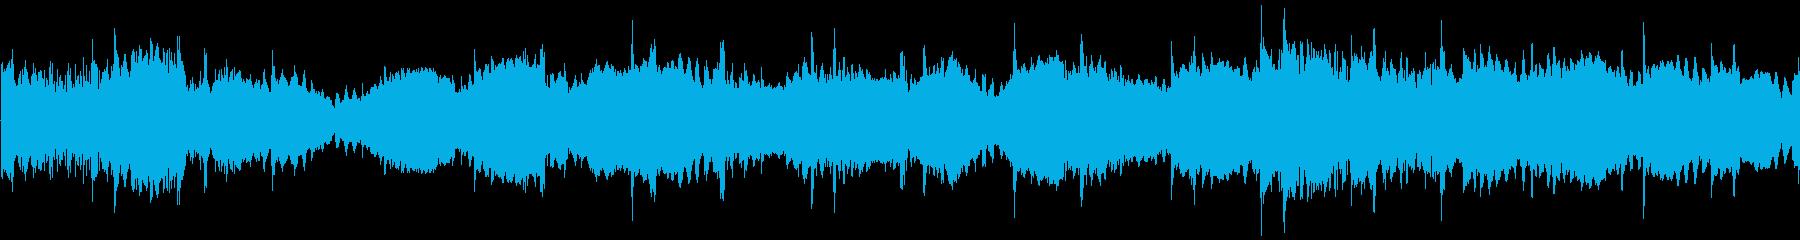 ホラーゲーム系の不気味なBGMの再生済みの波形